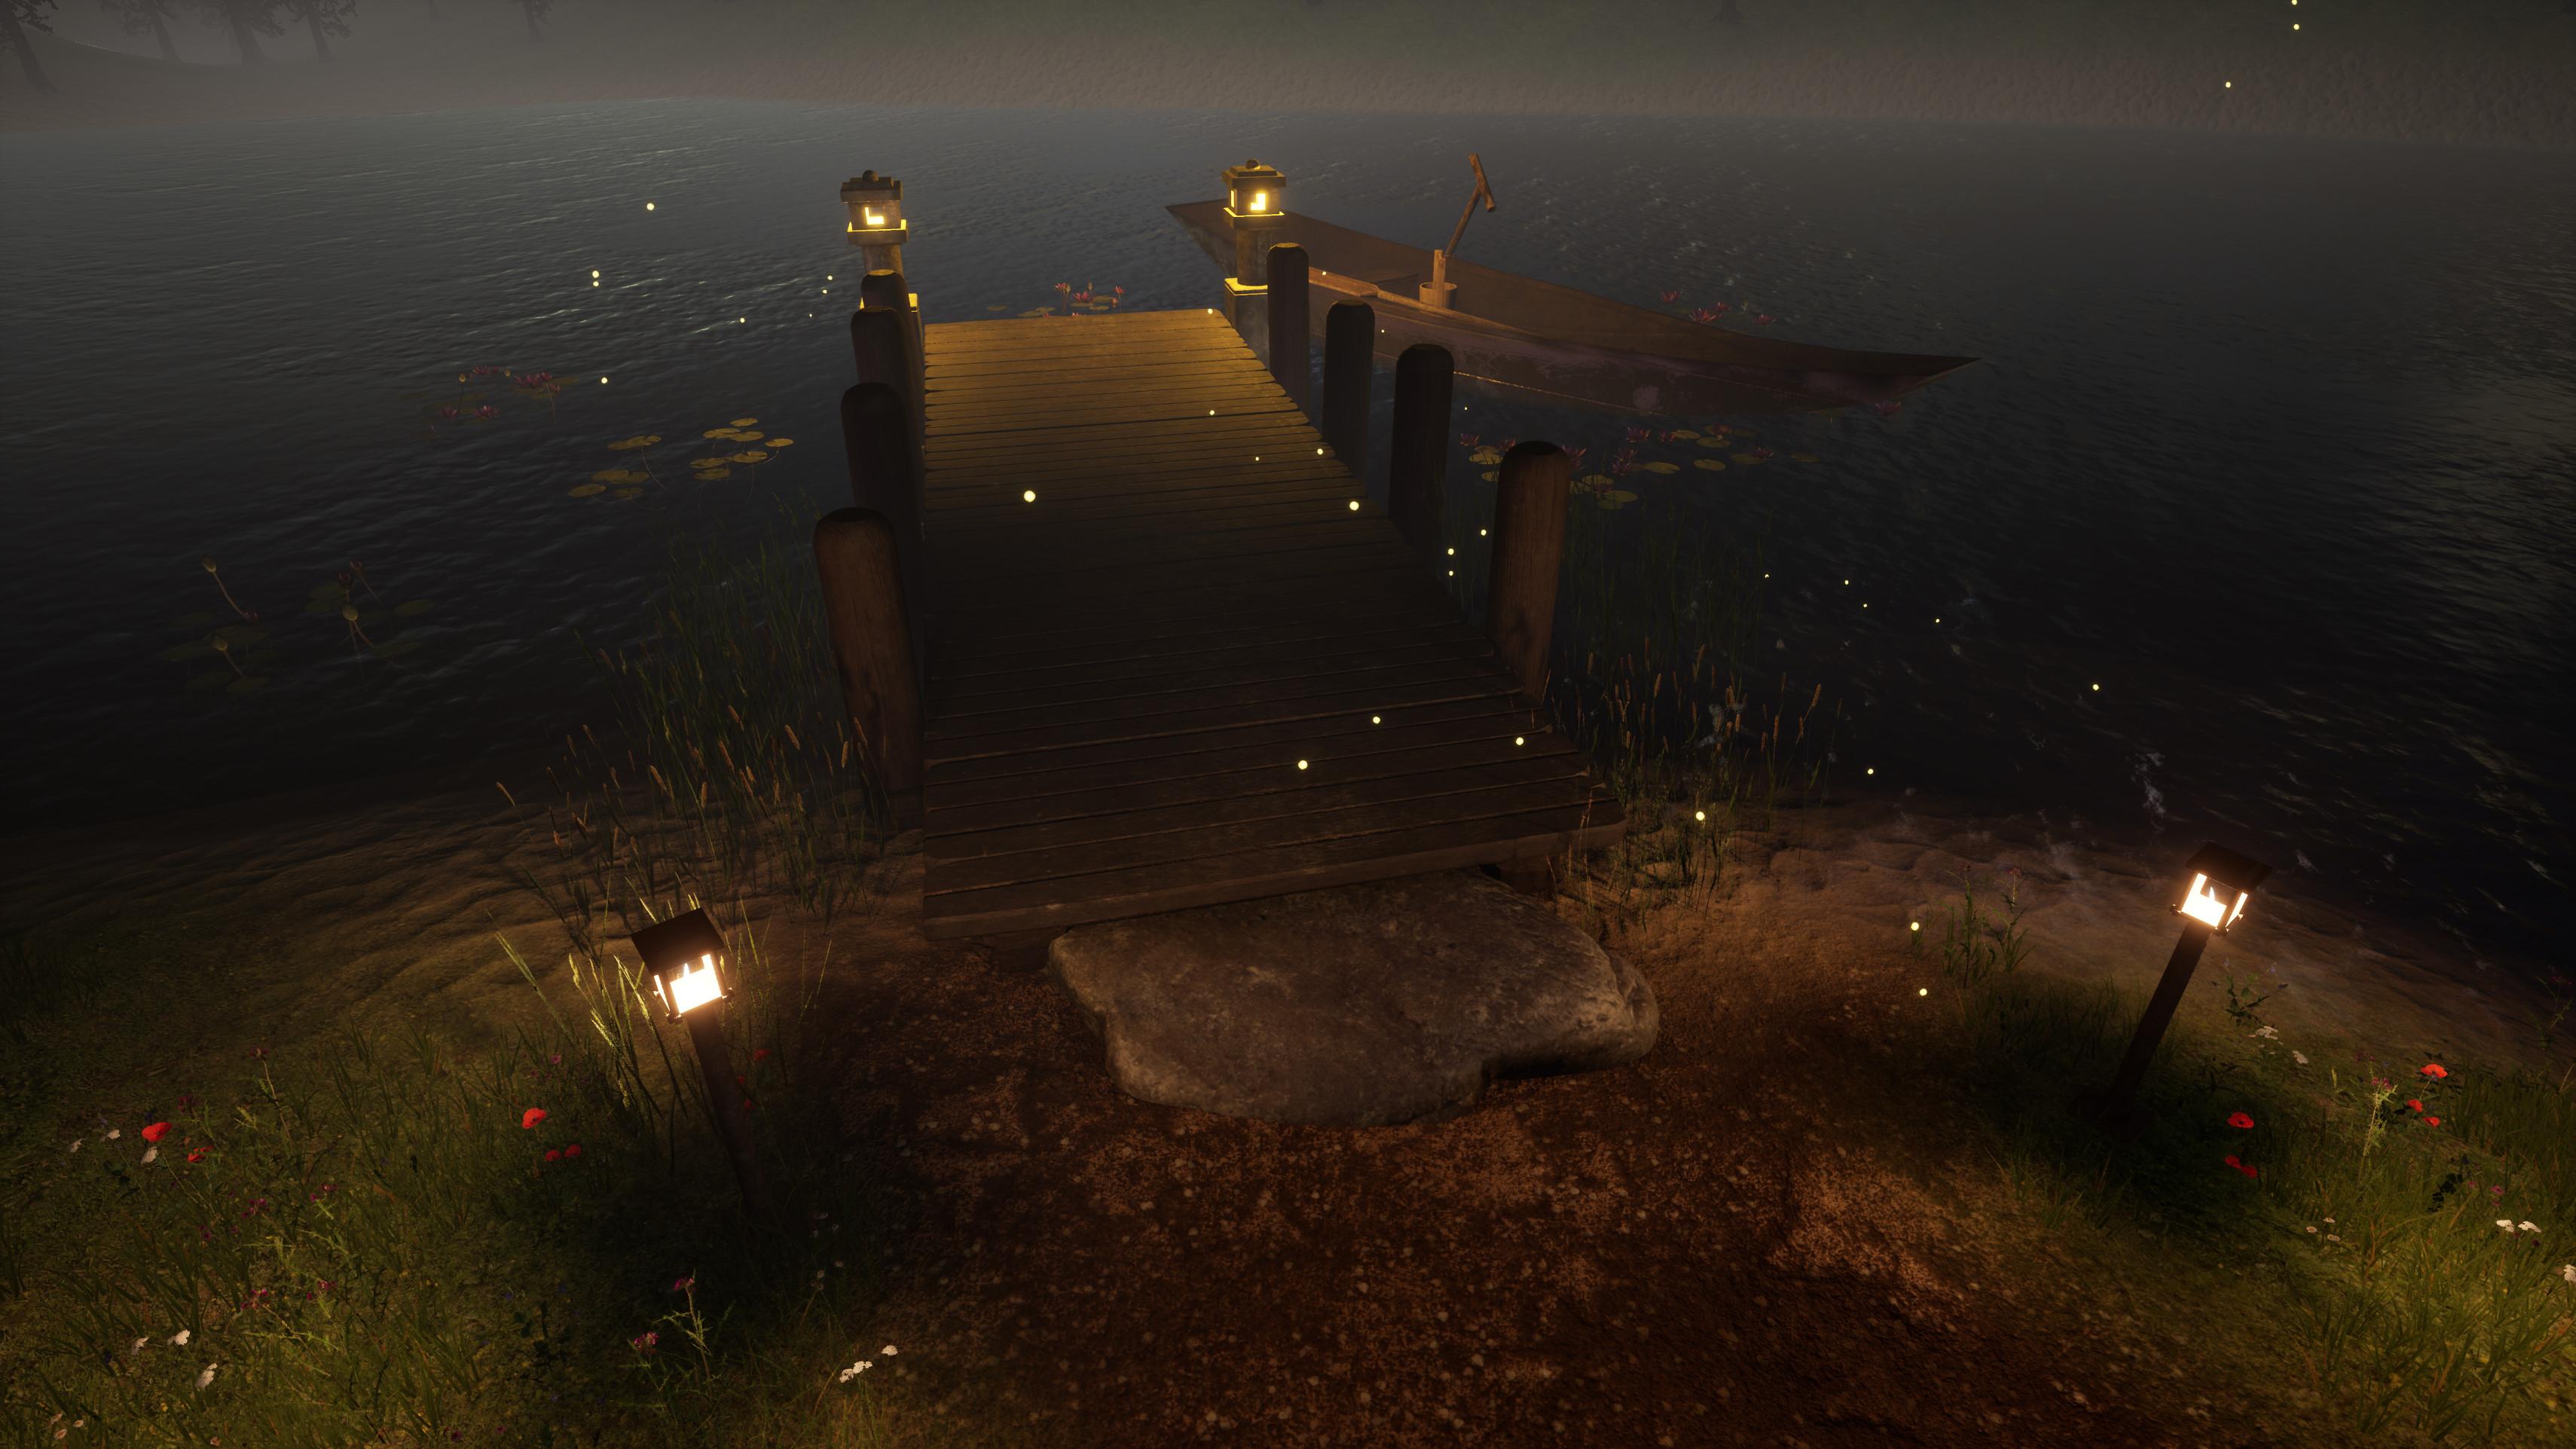 My dock.